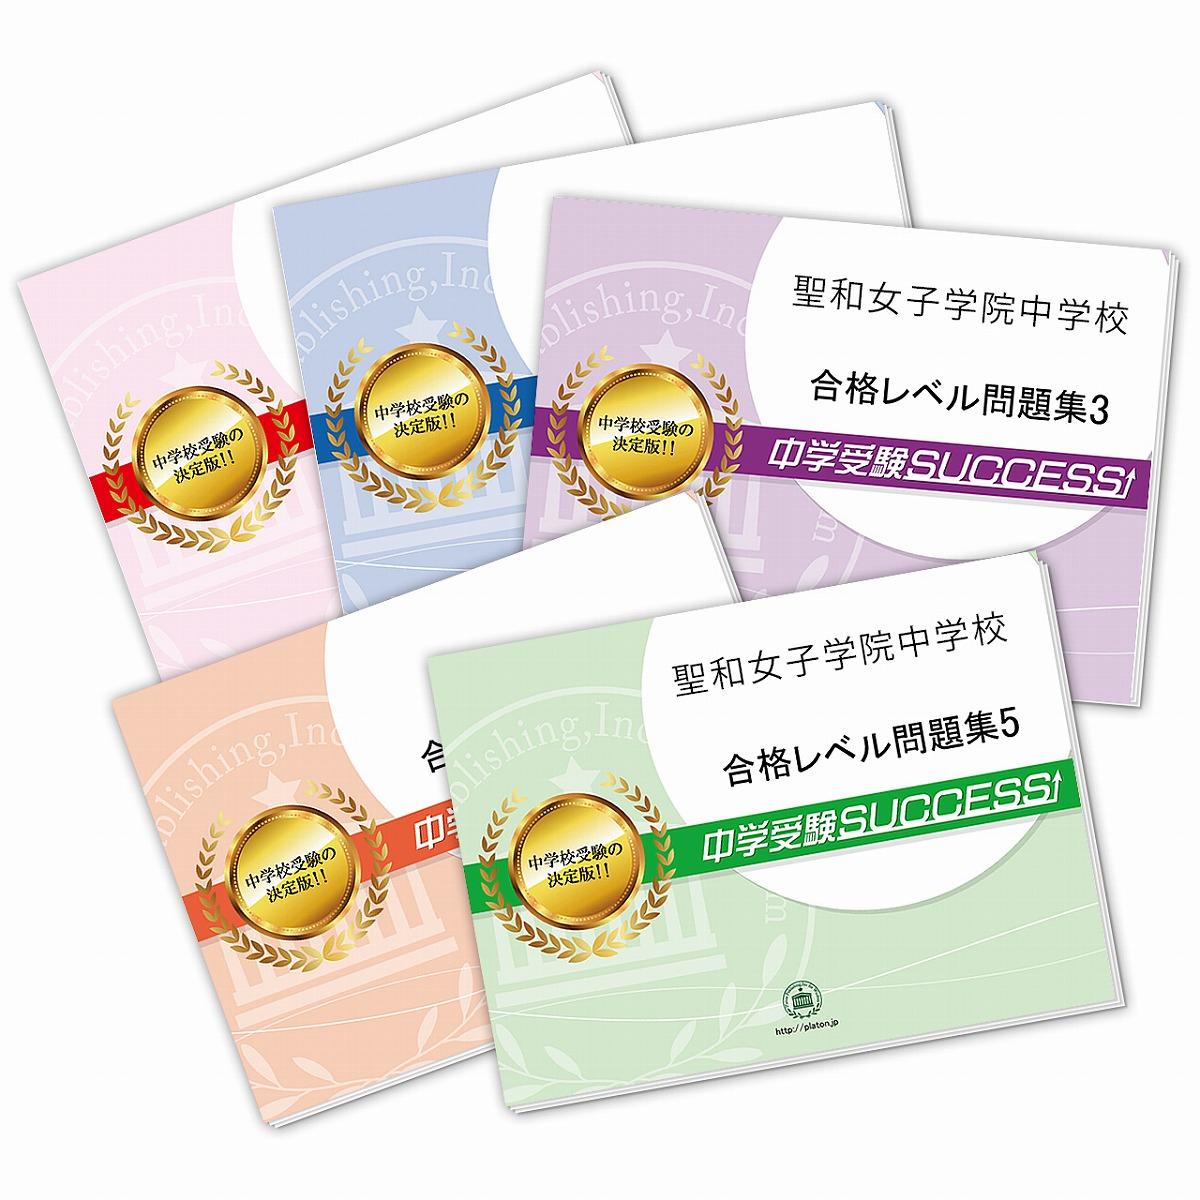 【送料・代引手数料無料】聖和女子学院中学校・直前対策合格セット(5冊)